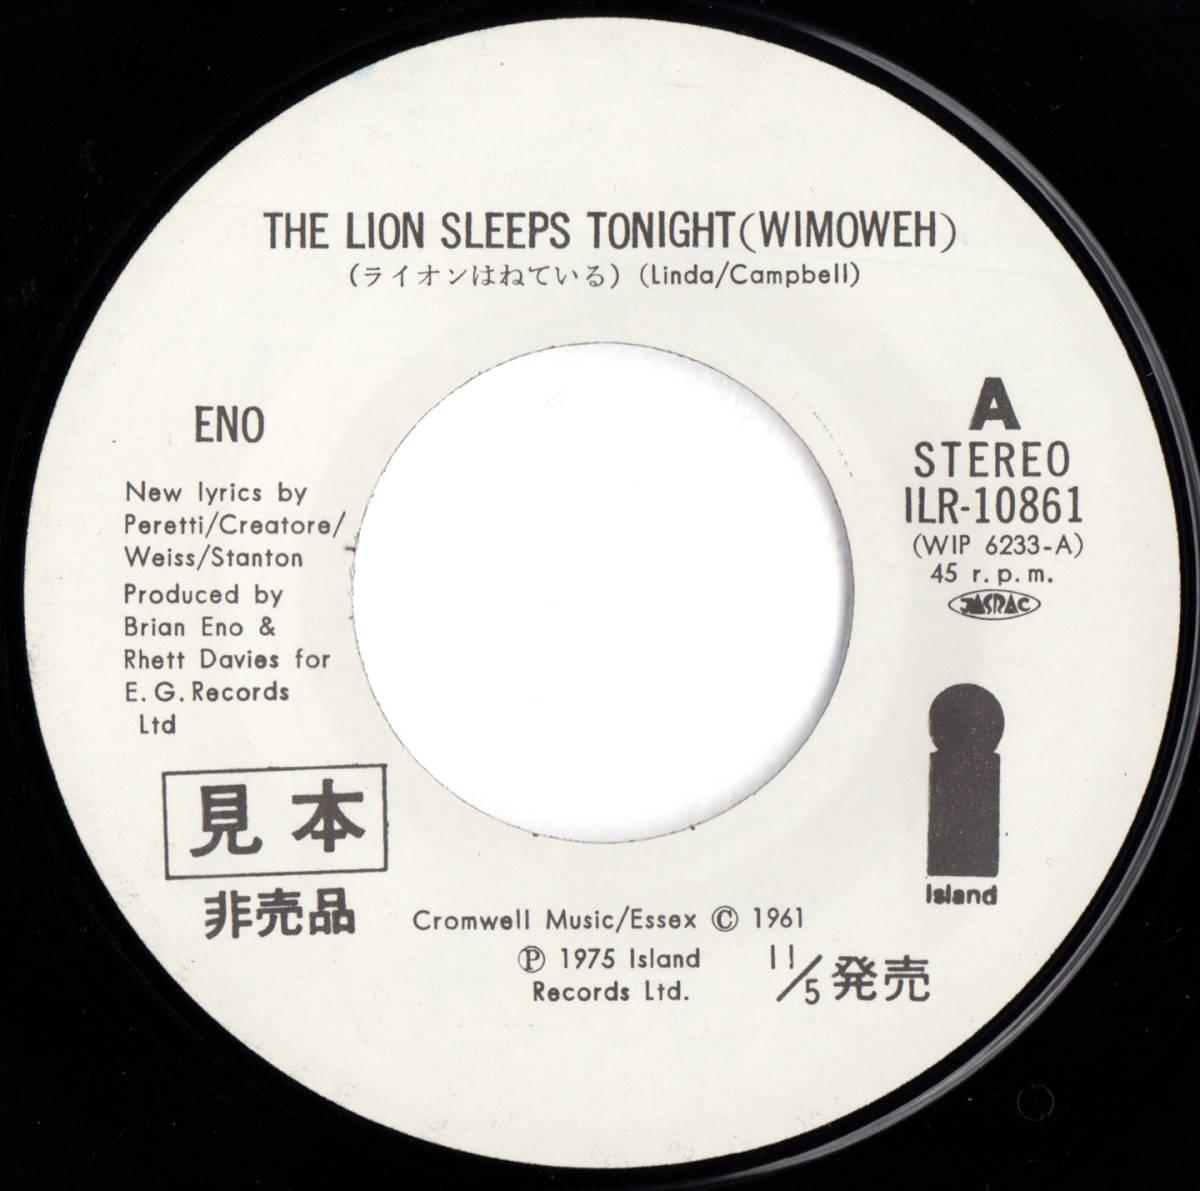 """【7"""" 国内盤】 ブライアン・イーノ BRIAN ENO ライオンはねている 白ラベル '75 ブリティッシュ 7inch 45 ROXY MUSIC 日本盤_画像3"""